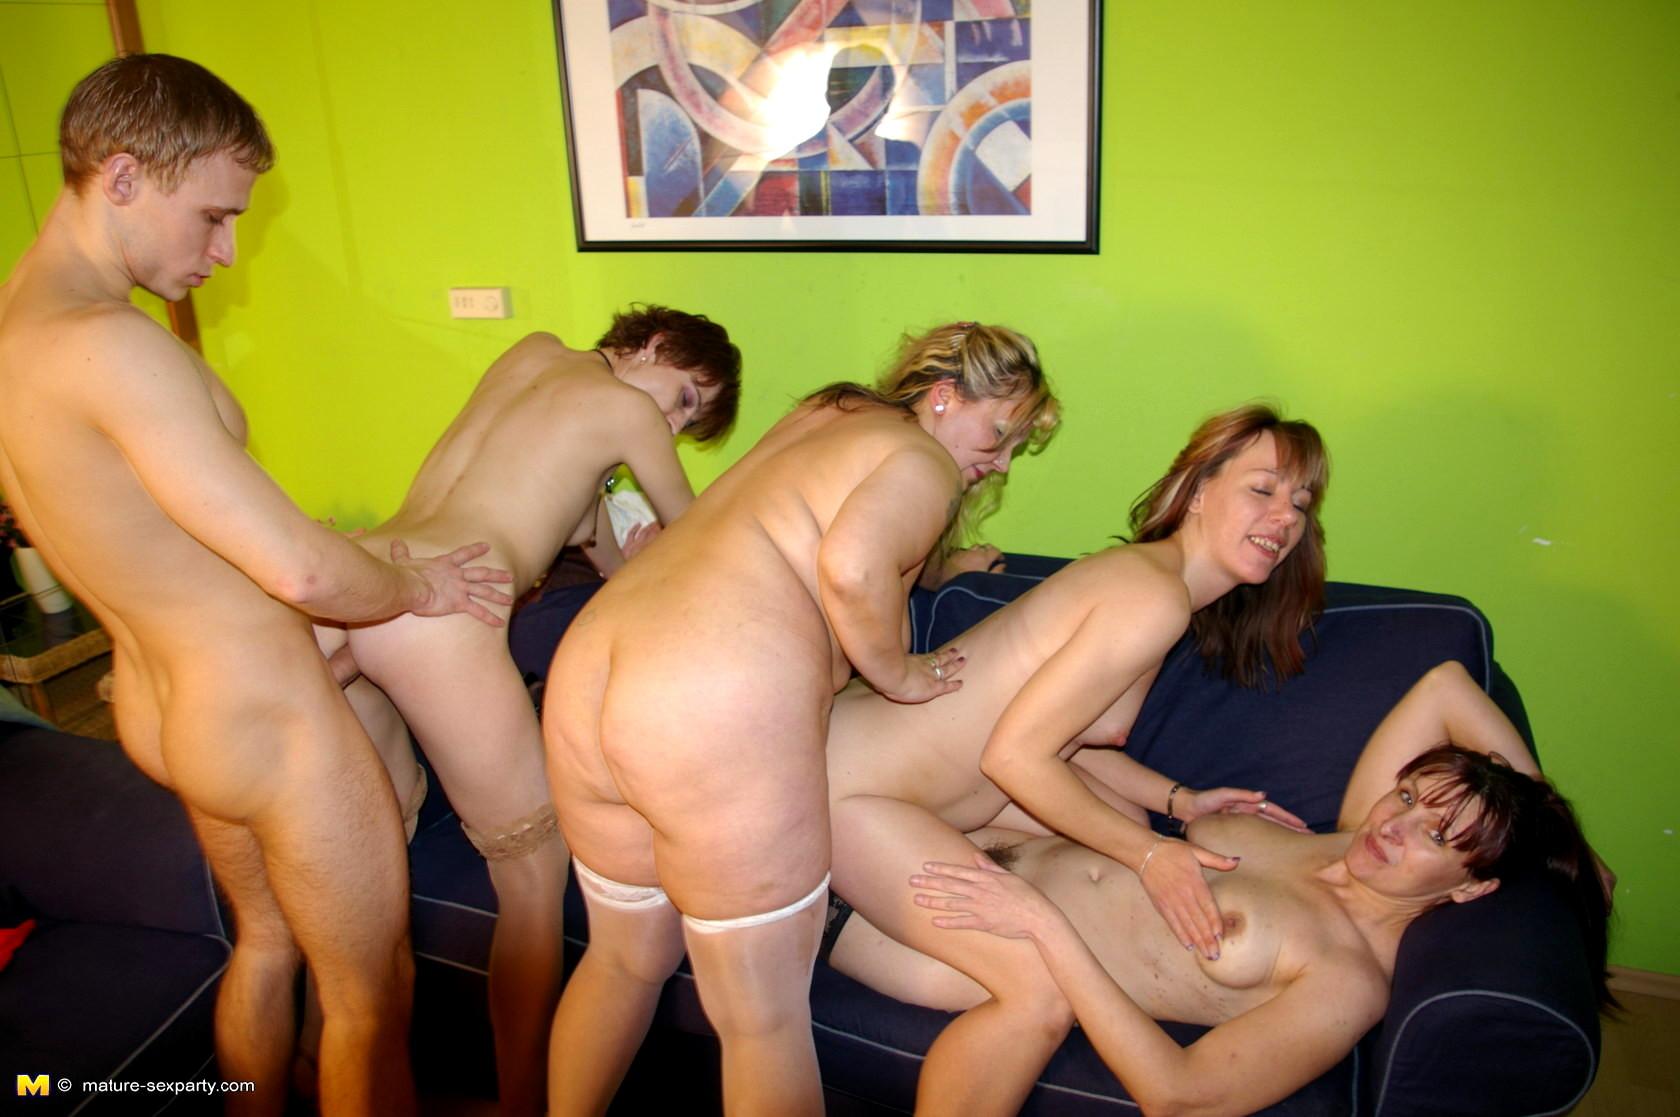 зрелые женщины с молодыми парнями порно ролики брызнула